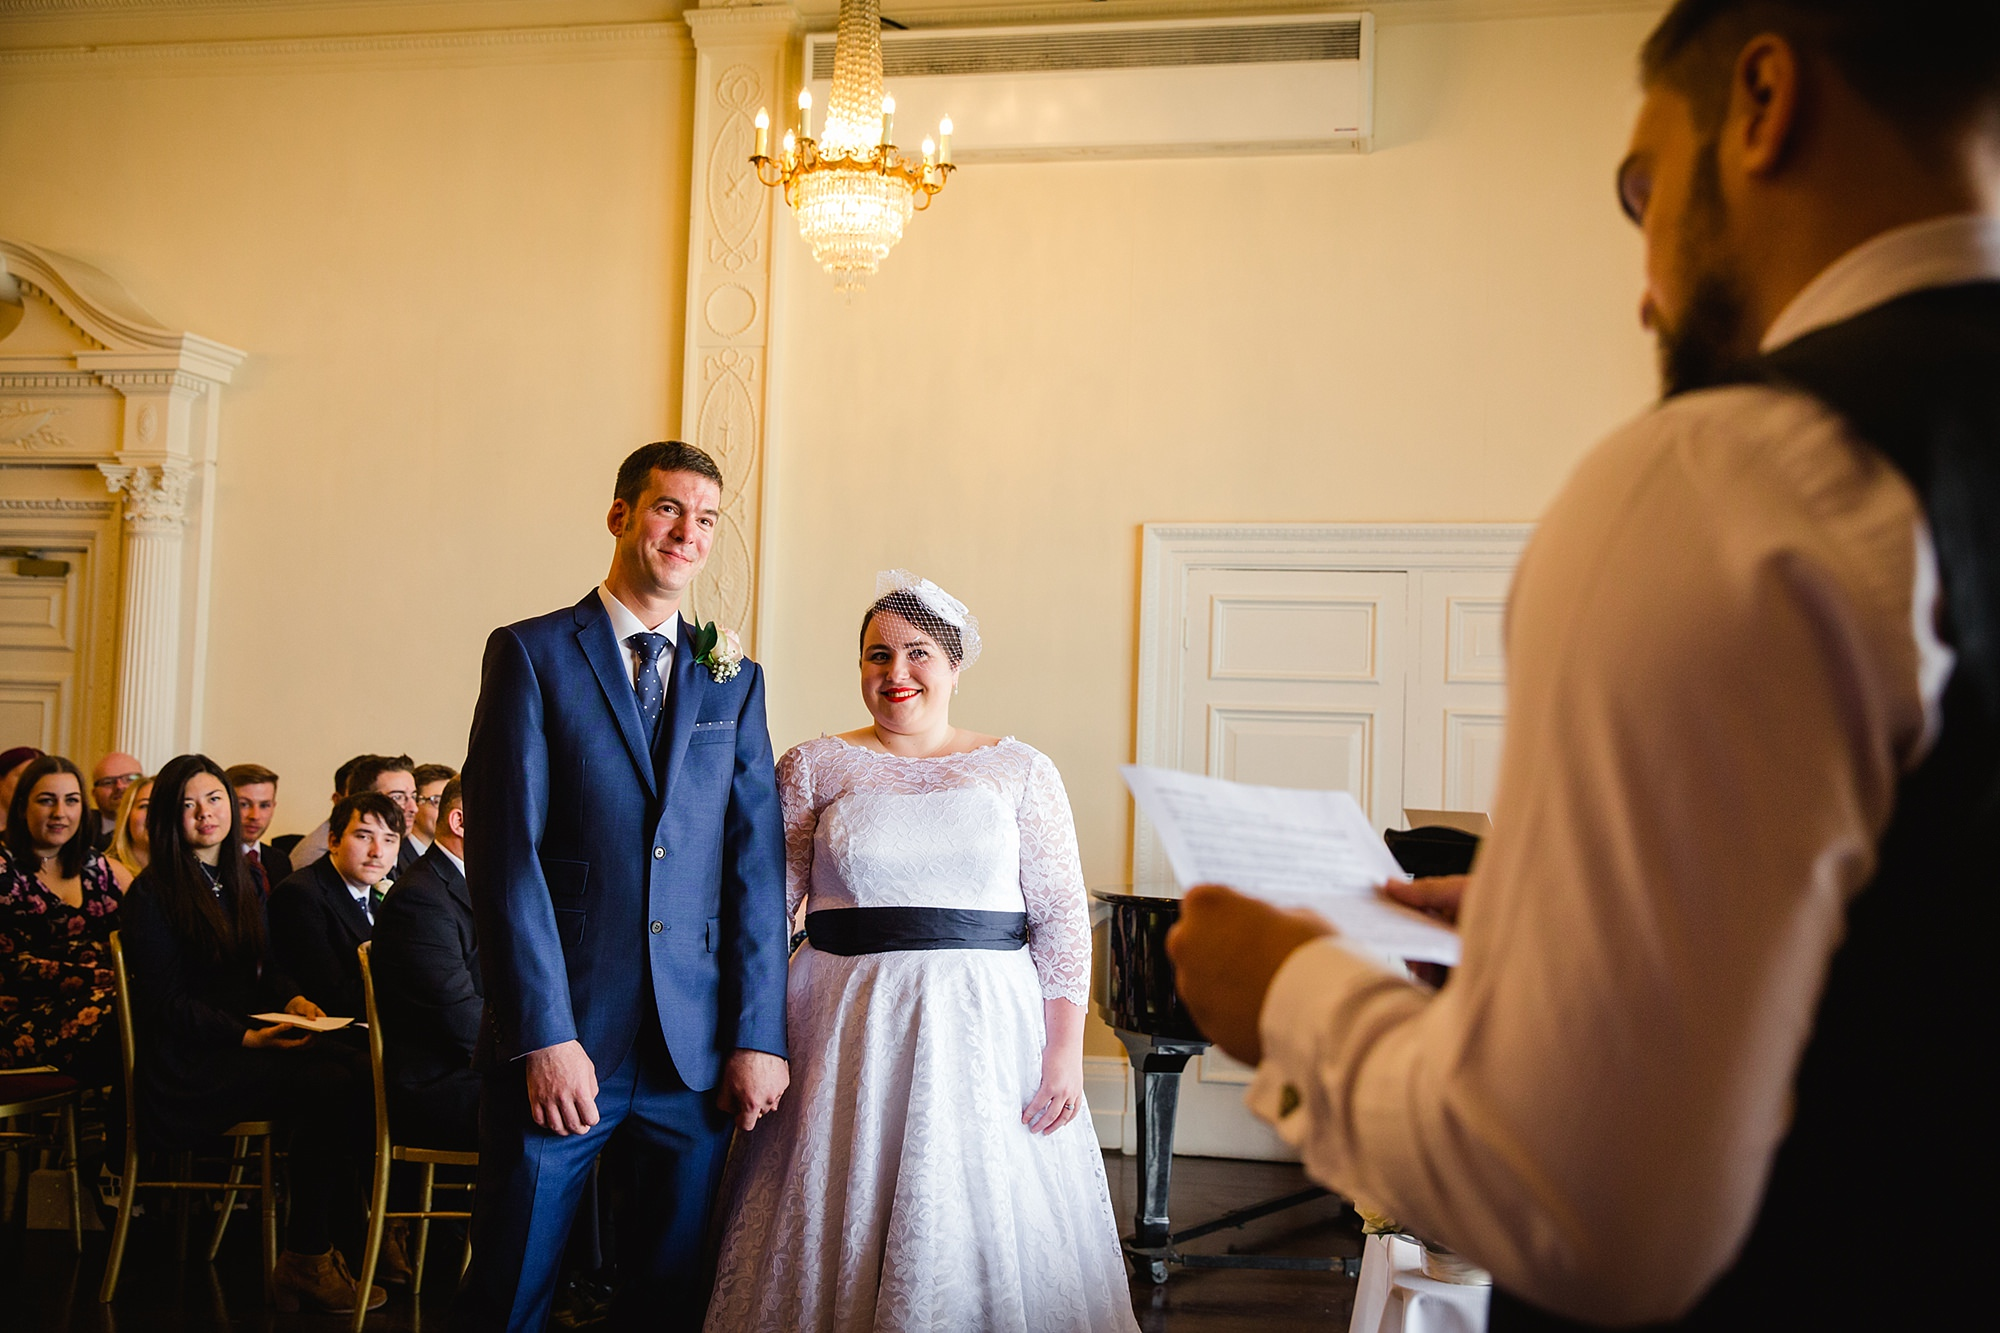 Trafalgar Tavern wedding reading during ceremony